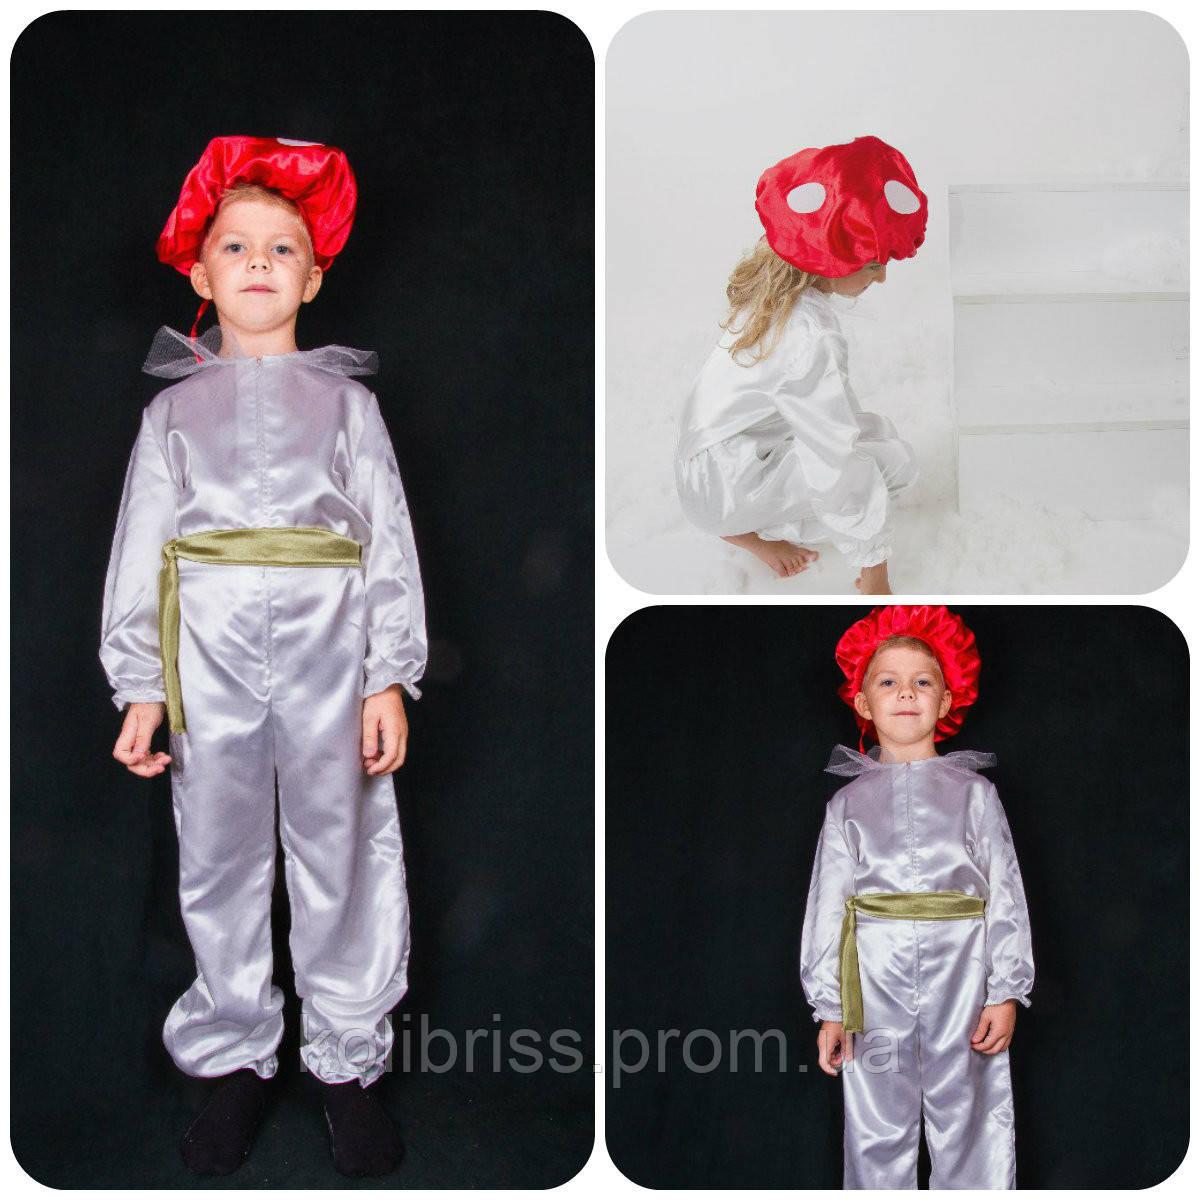 Шикарный костюм мухомора, мухамор, гриб прокат киев